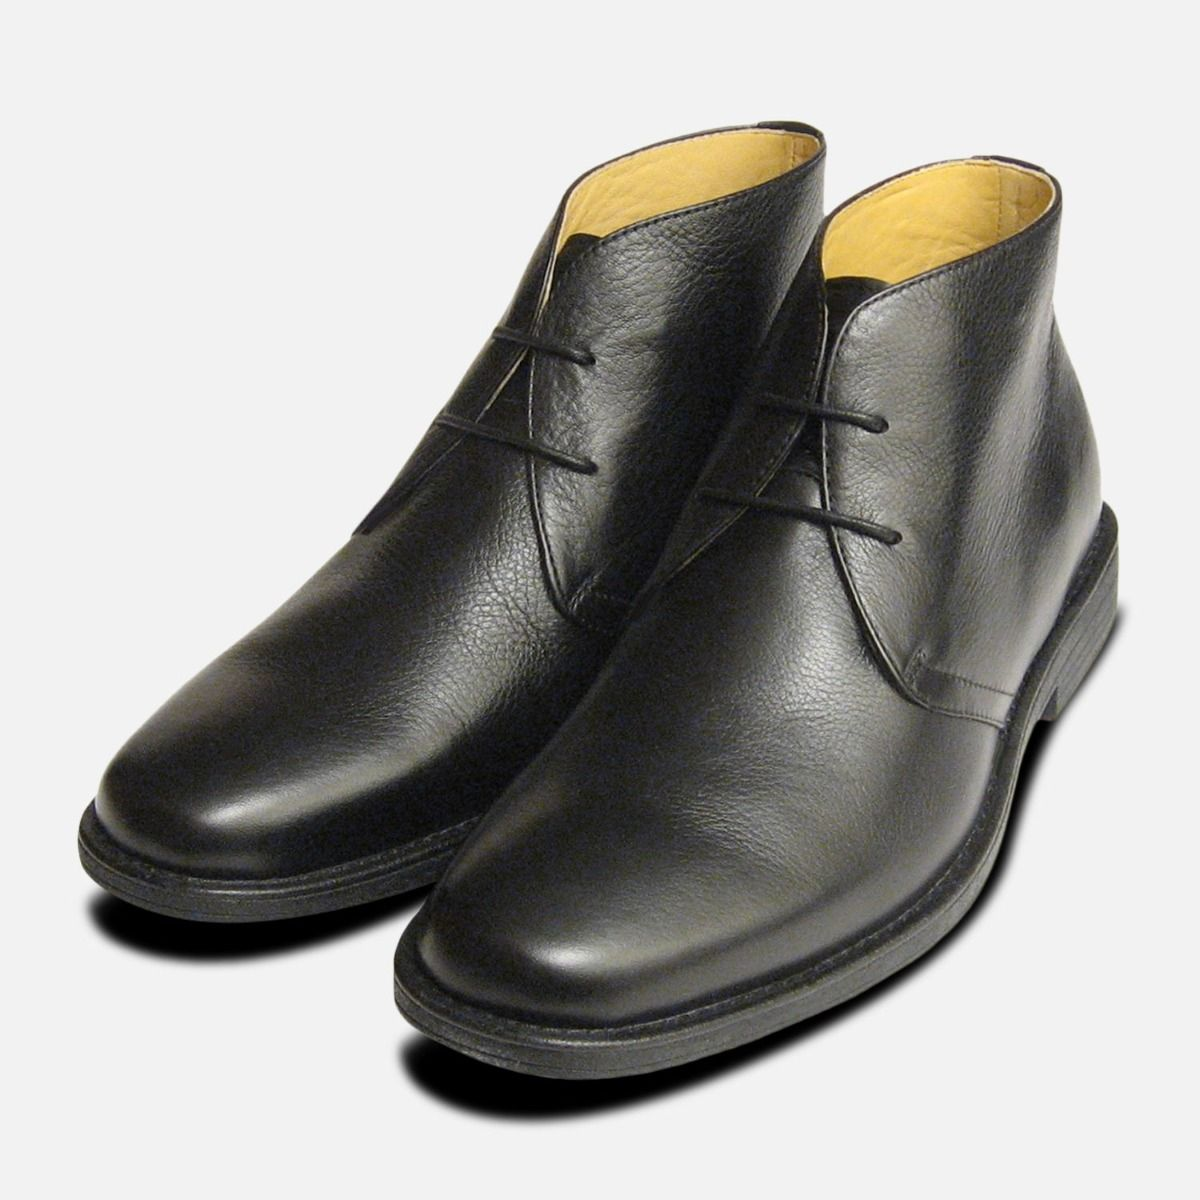 plain black lace up shoes